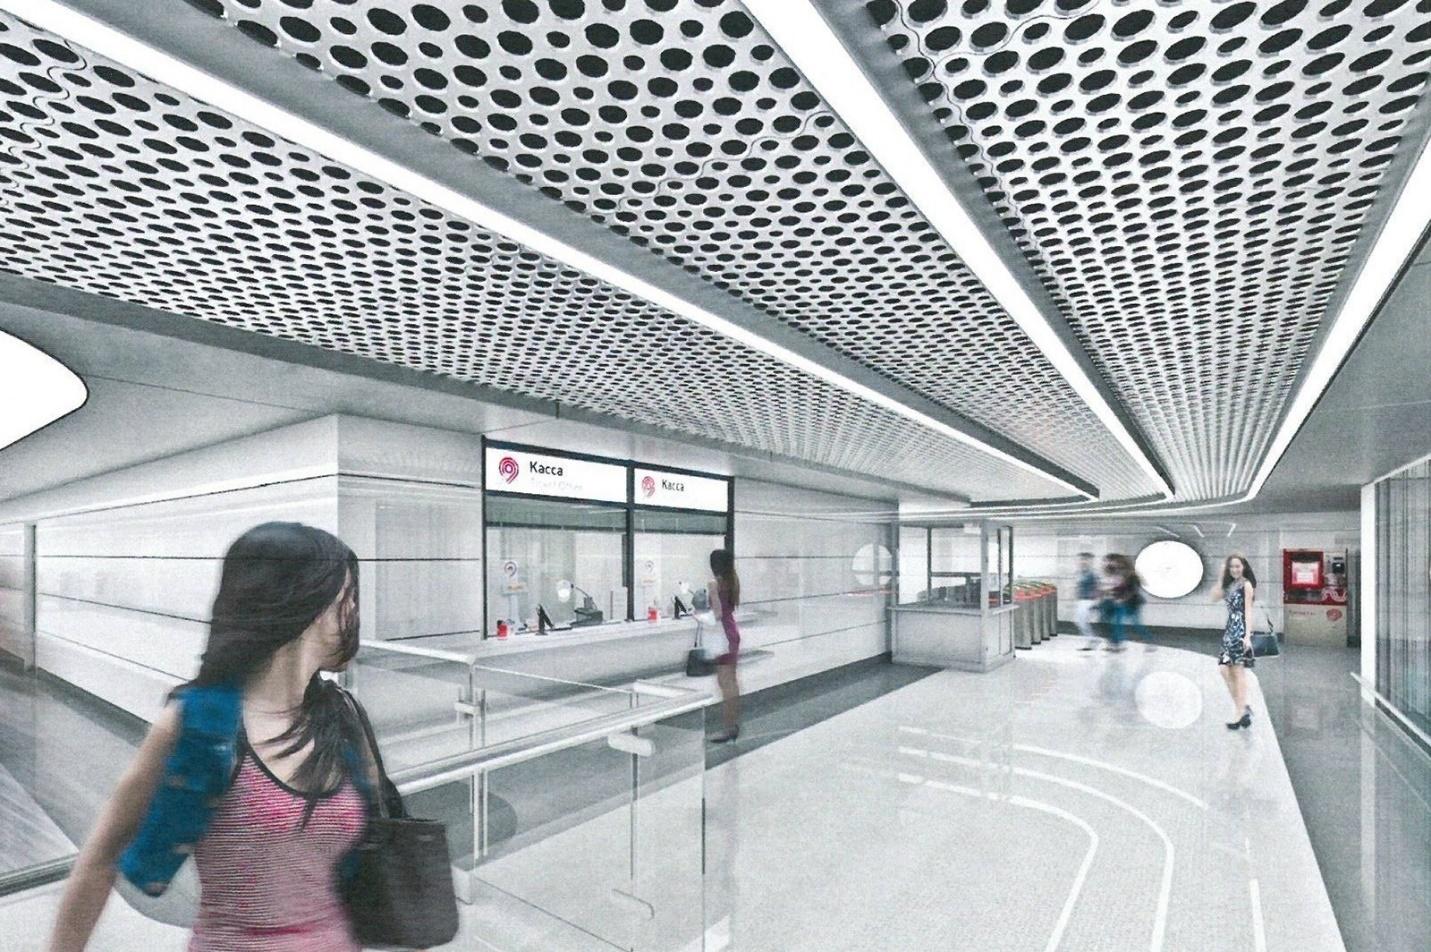 Необычный потолок с отверстиями на станции метро